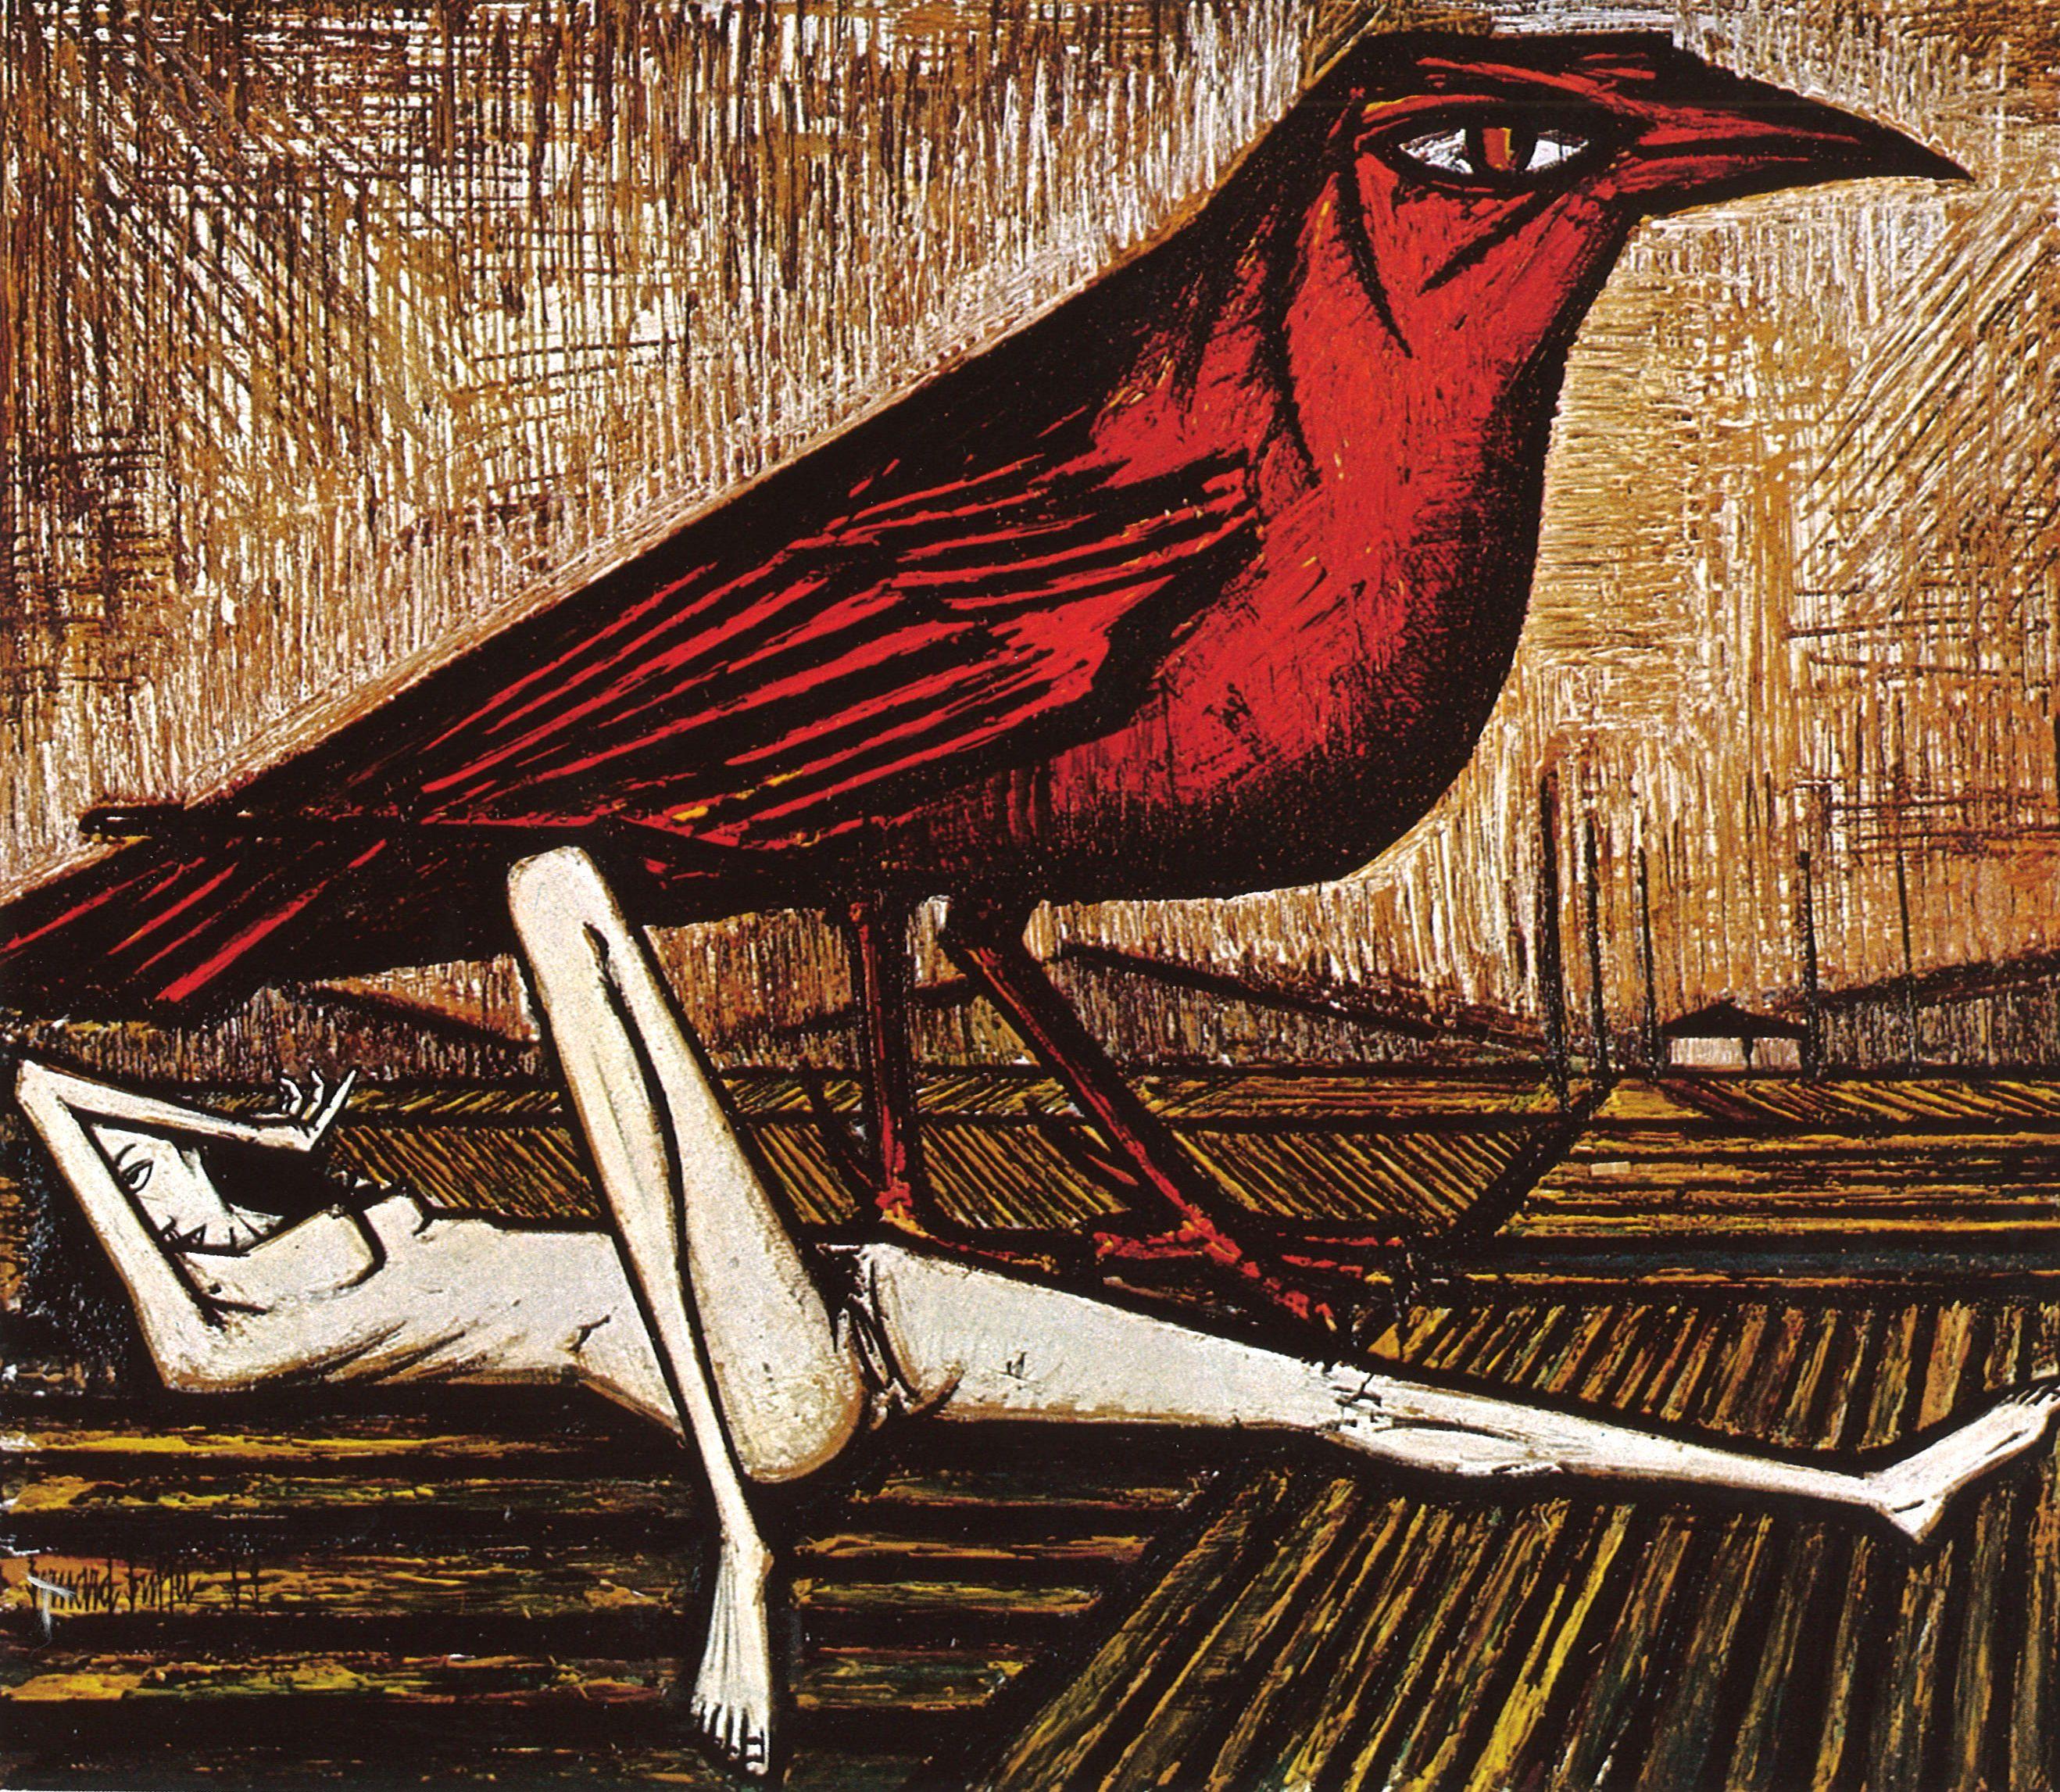 Bernard buffet l oiseau rouge 1959 art pinterest for Buffet peintre